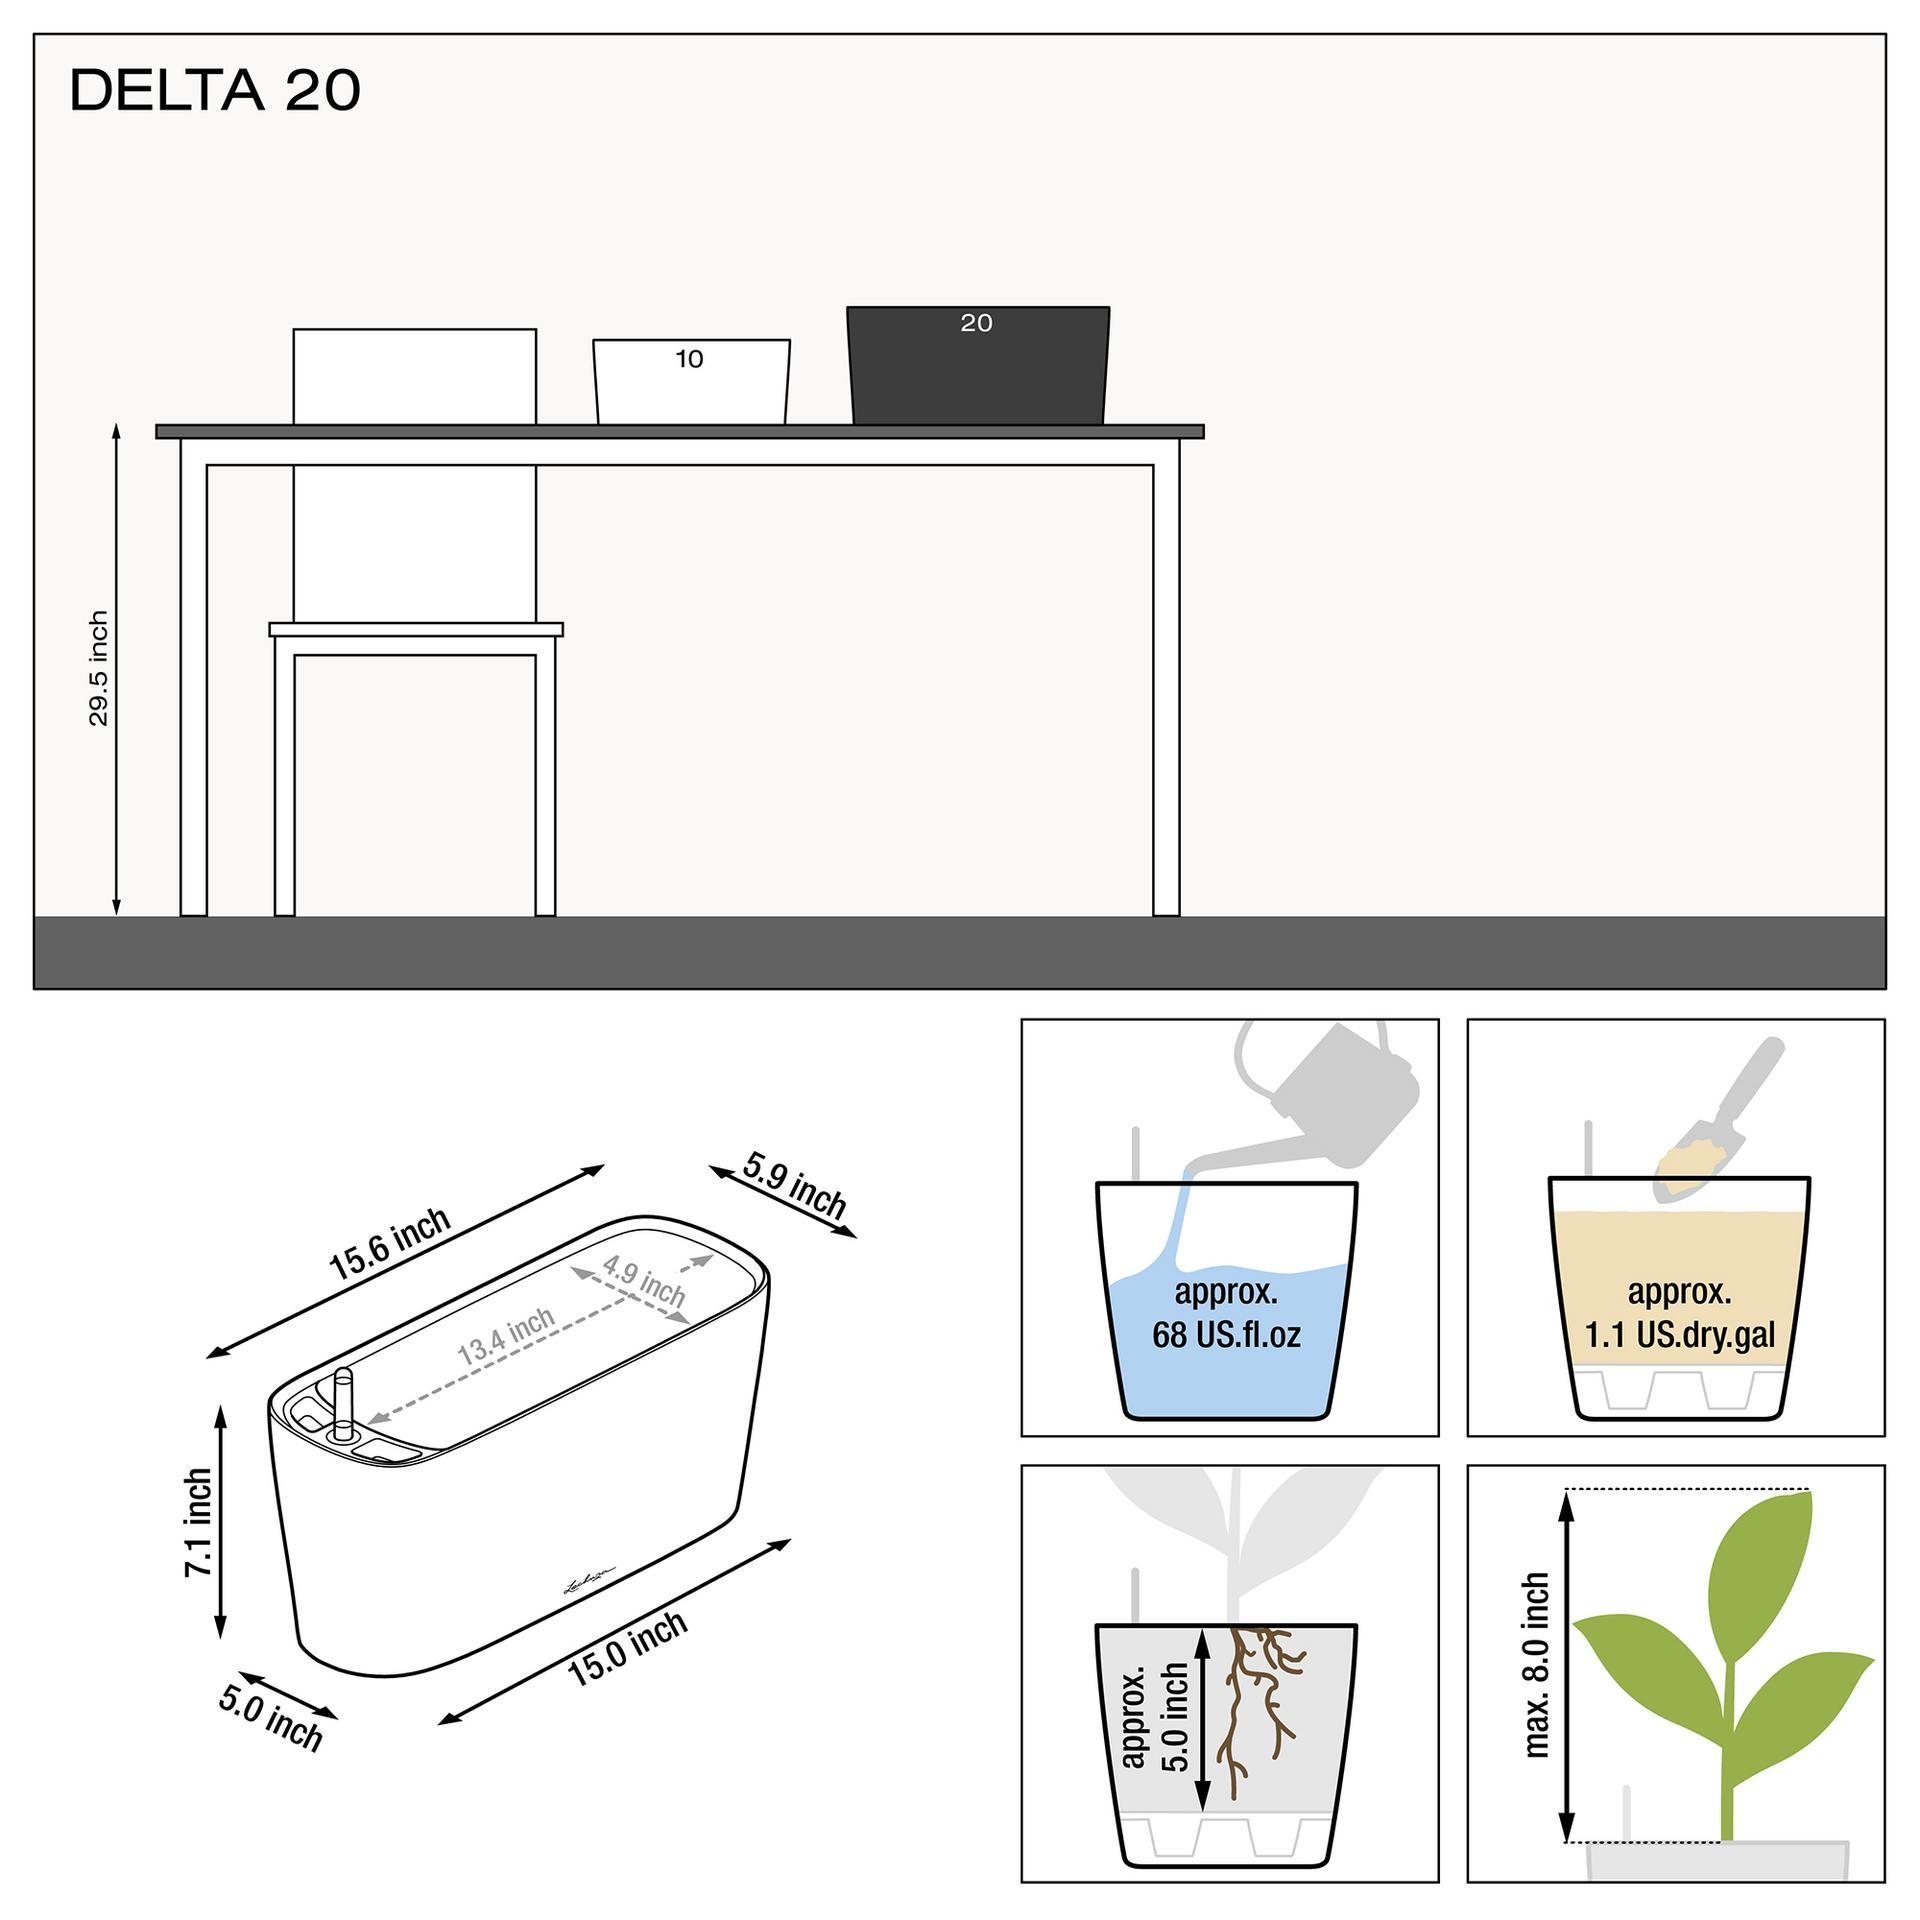 le_delta20_product_addi_nz_us